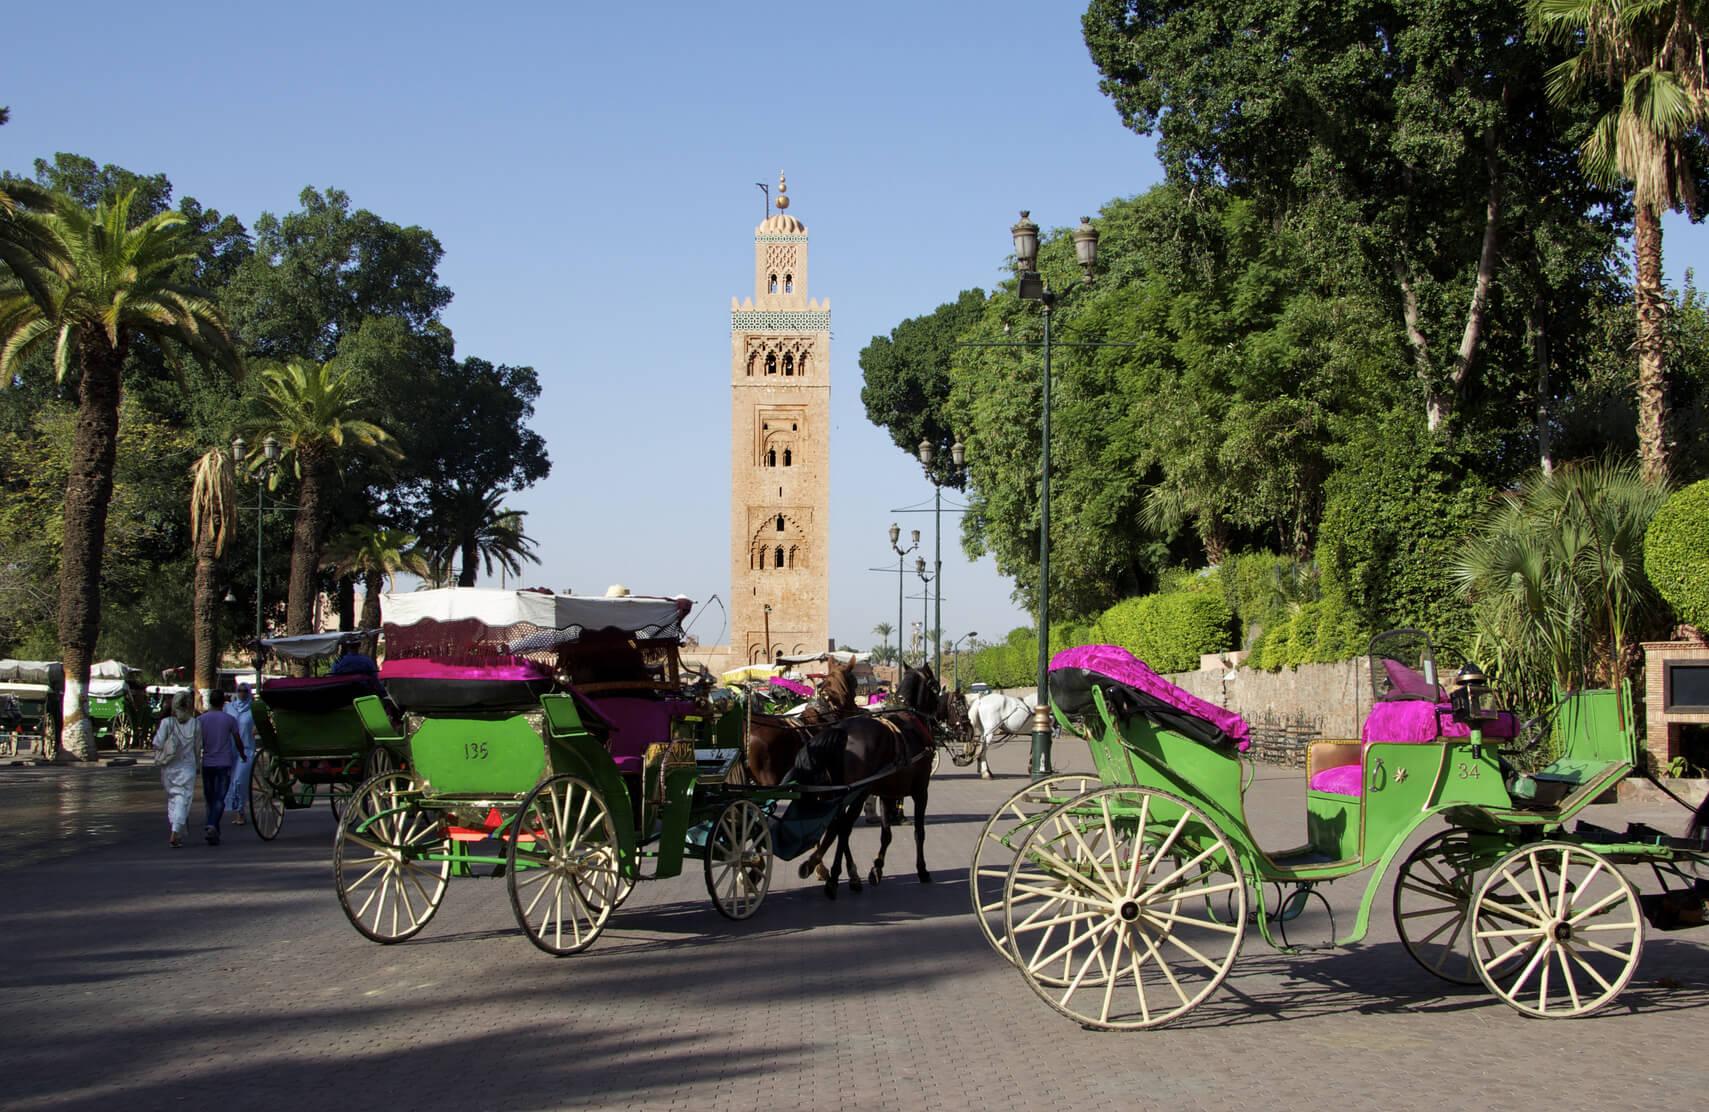 circuito-ciudades-imperiales-marruecos-marrakech(1)